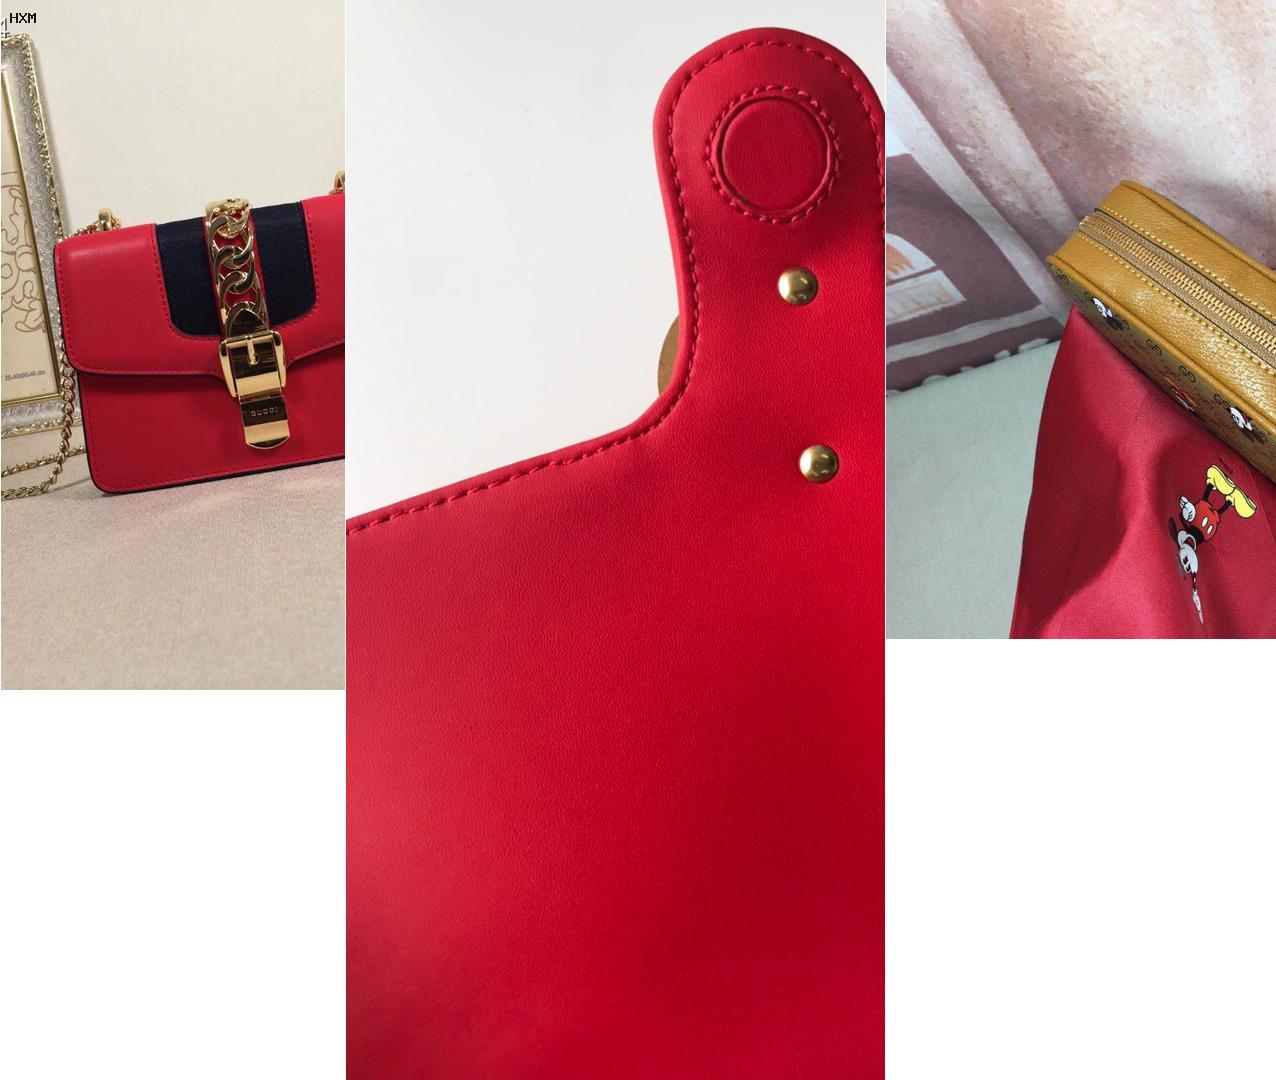 nuova borsa gucci